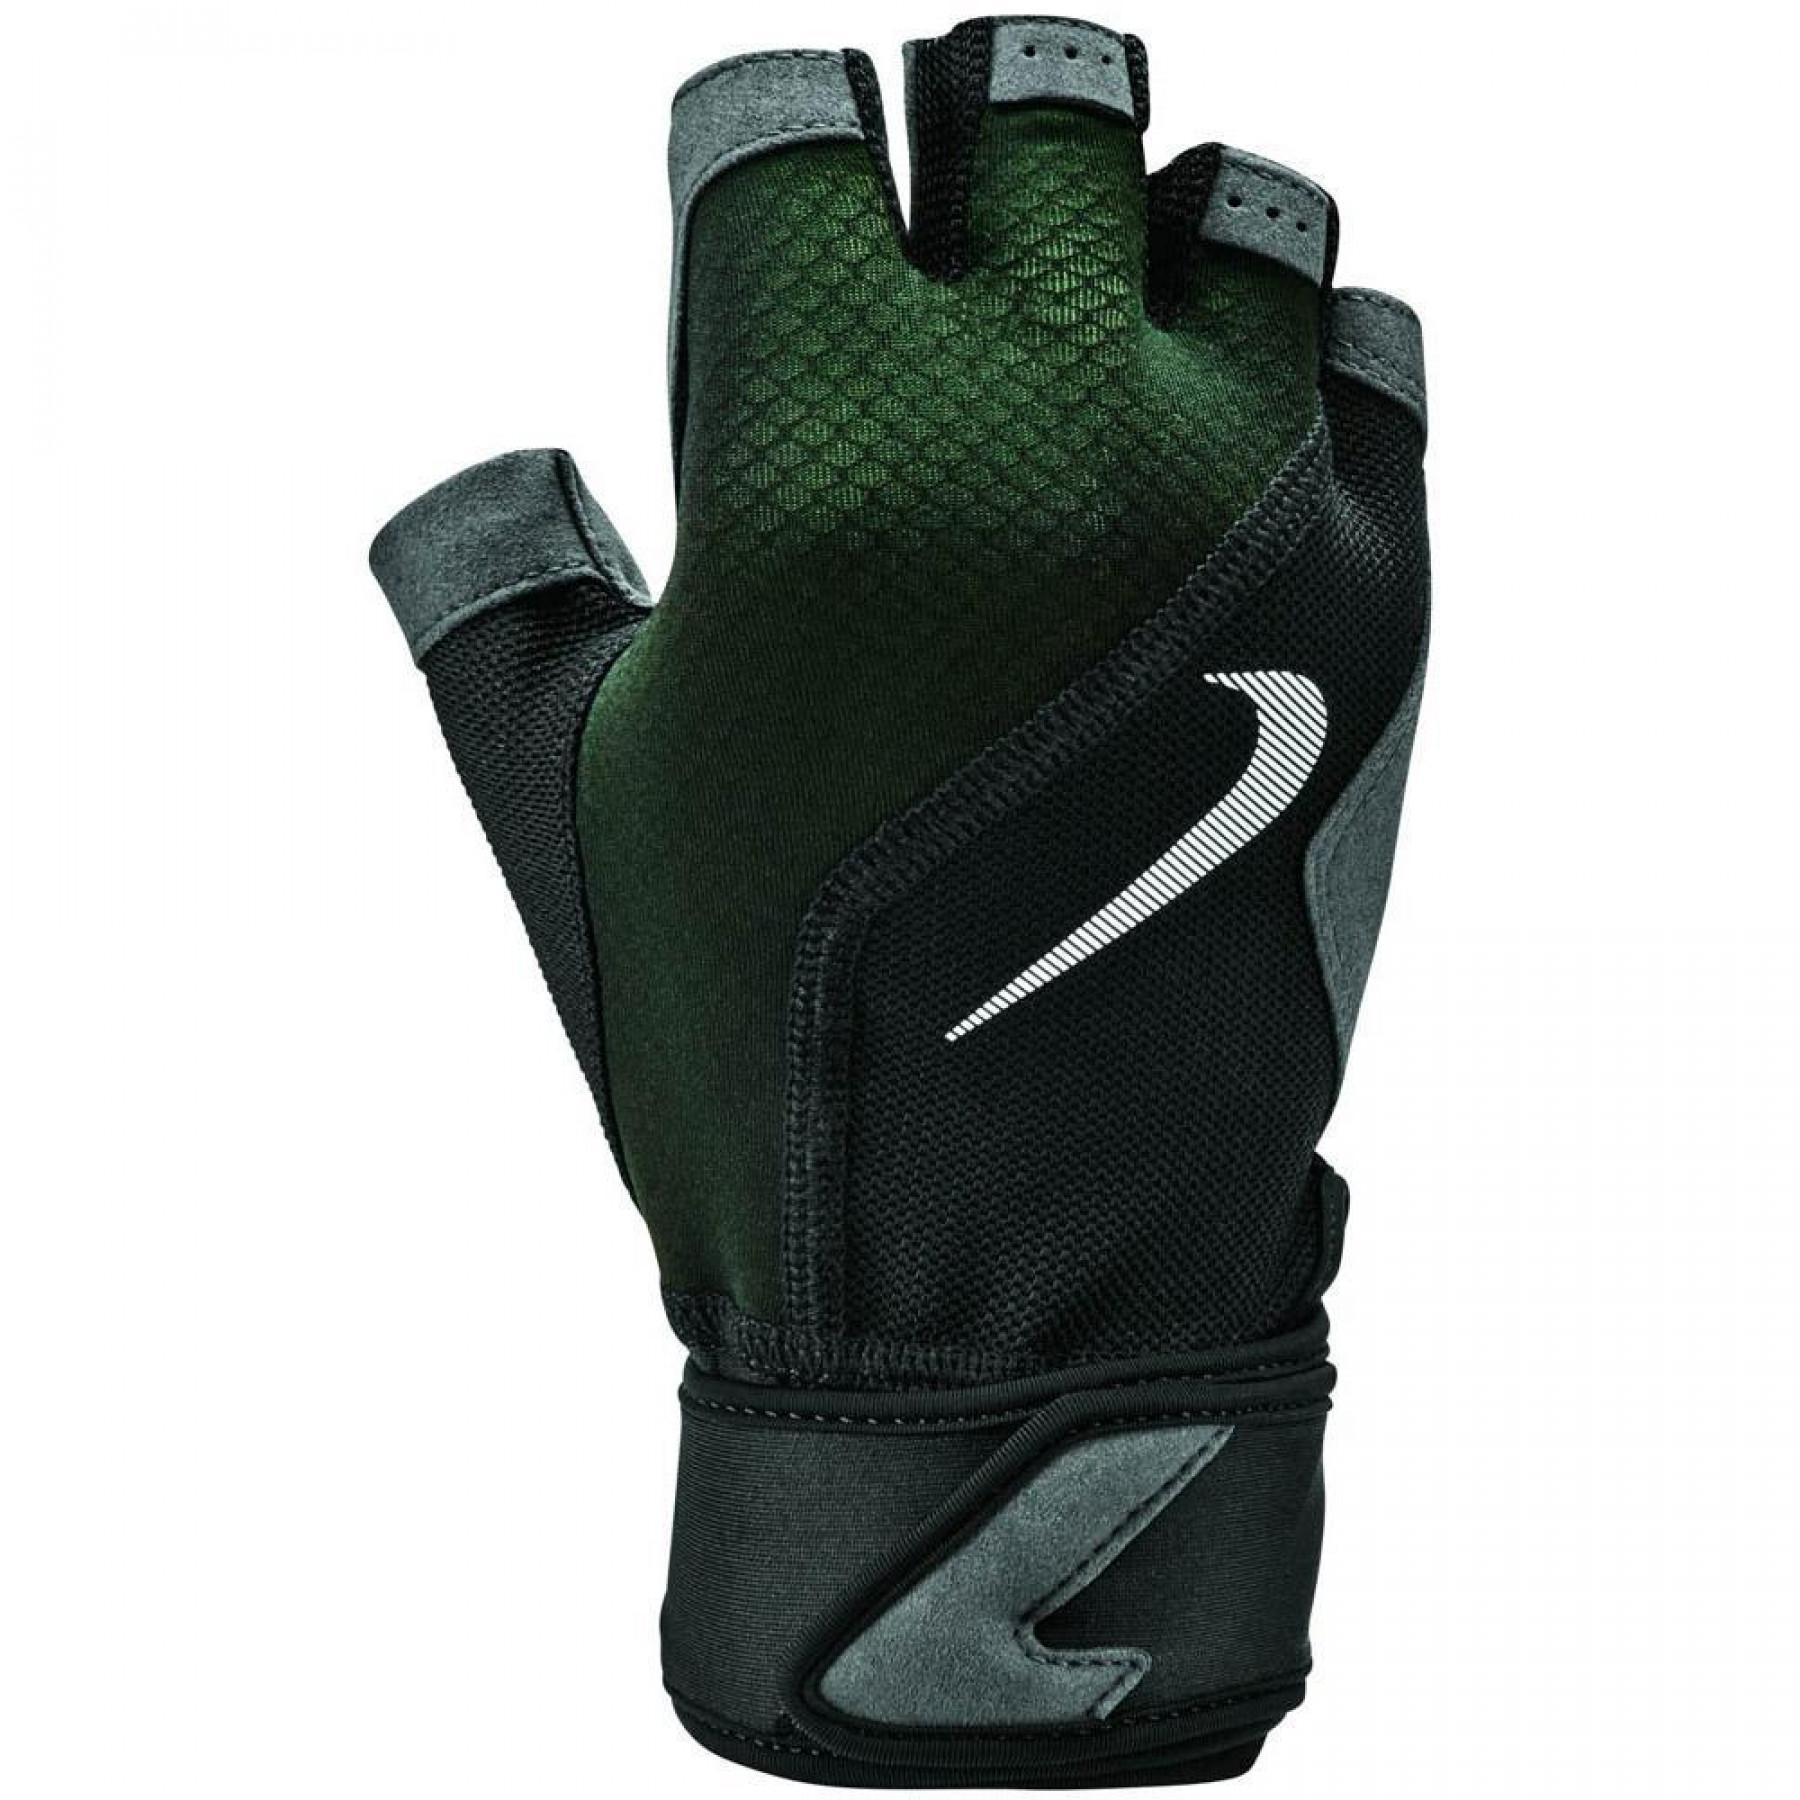 Fitness gloves Nike premium